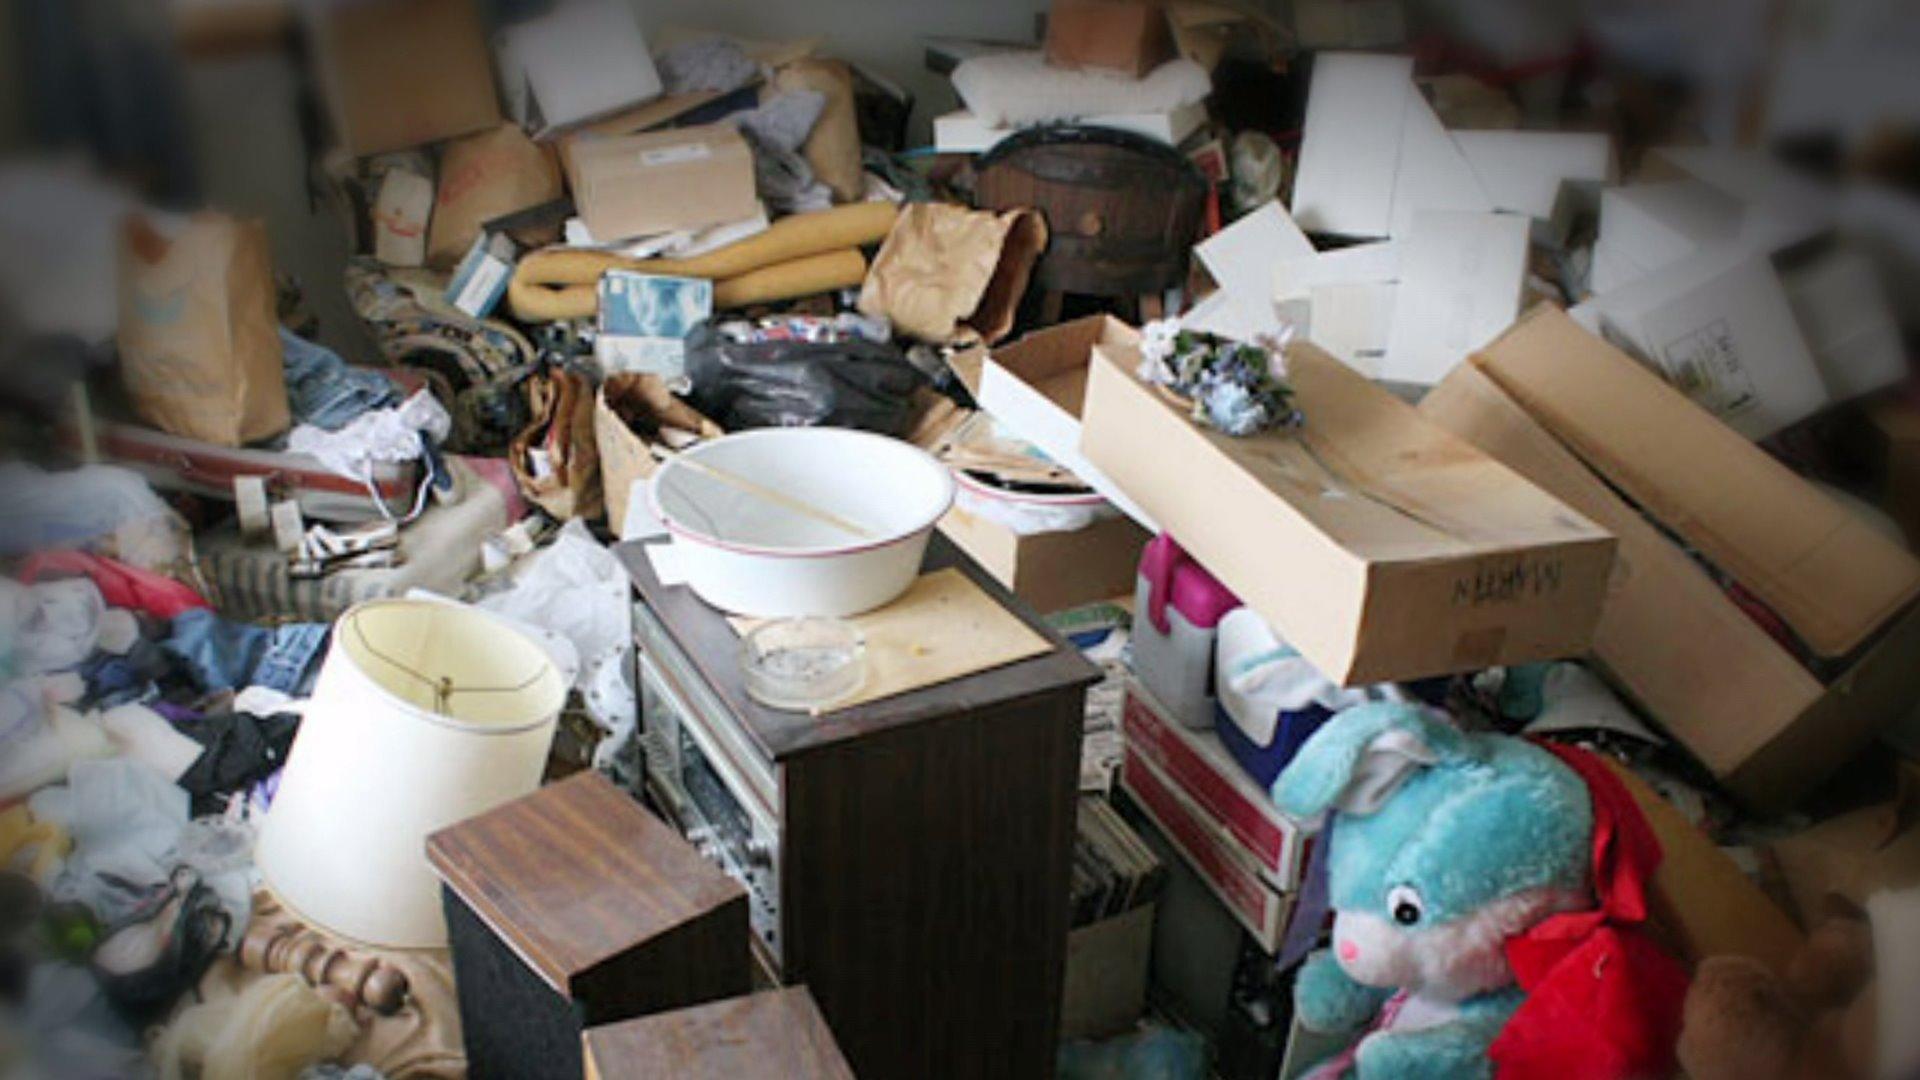 Проблему замусоренных квартир с психически нездоровыми жителями озвучили в Мосгордуме